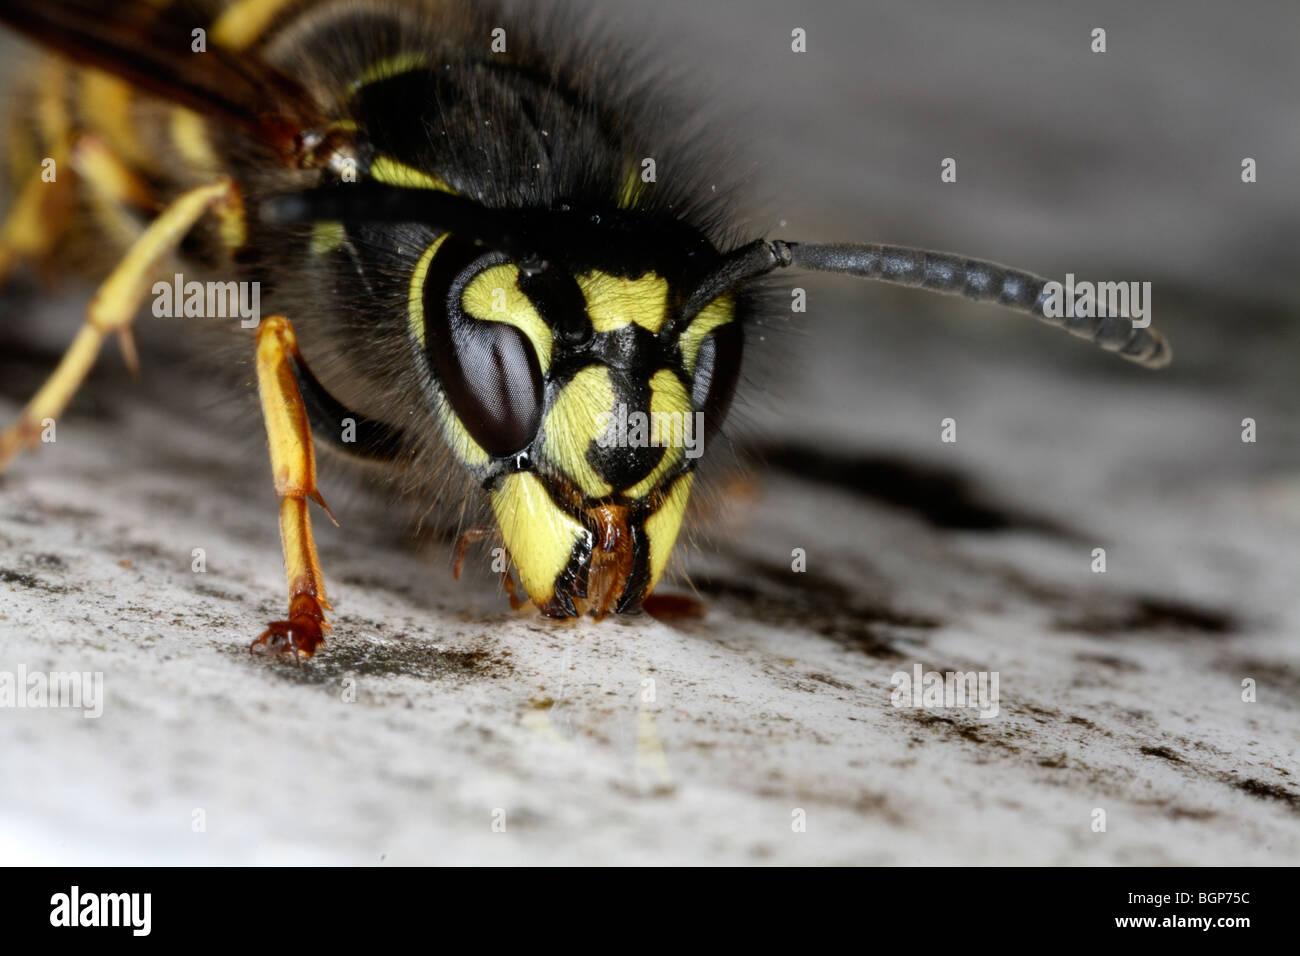 Wasp, close-up. - Stock Image